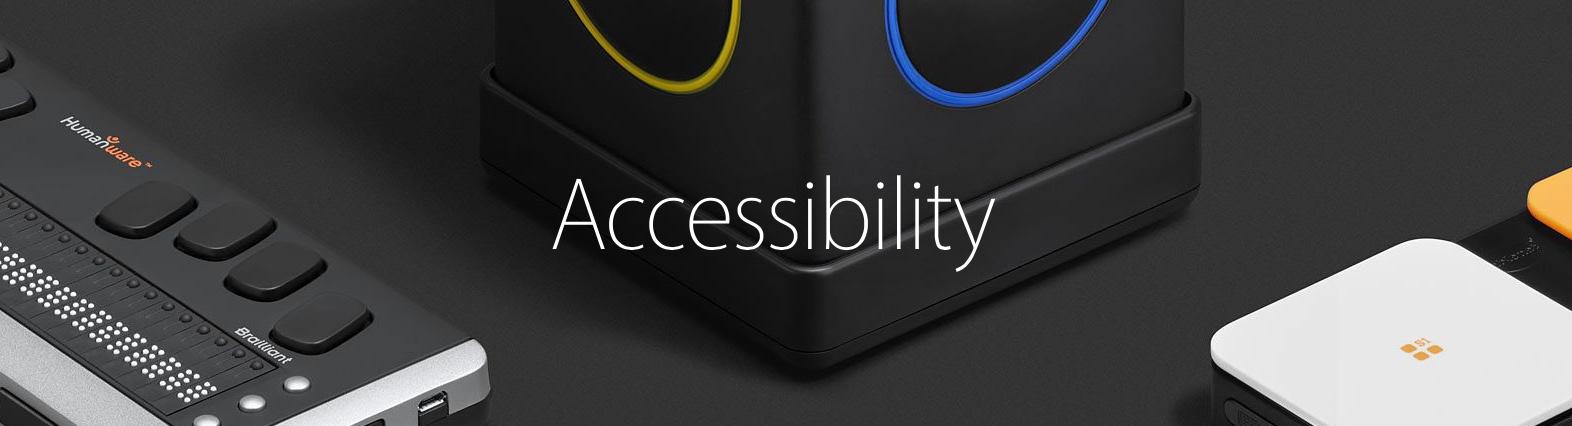 accessibility-apple.jpg